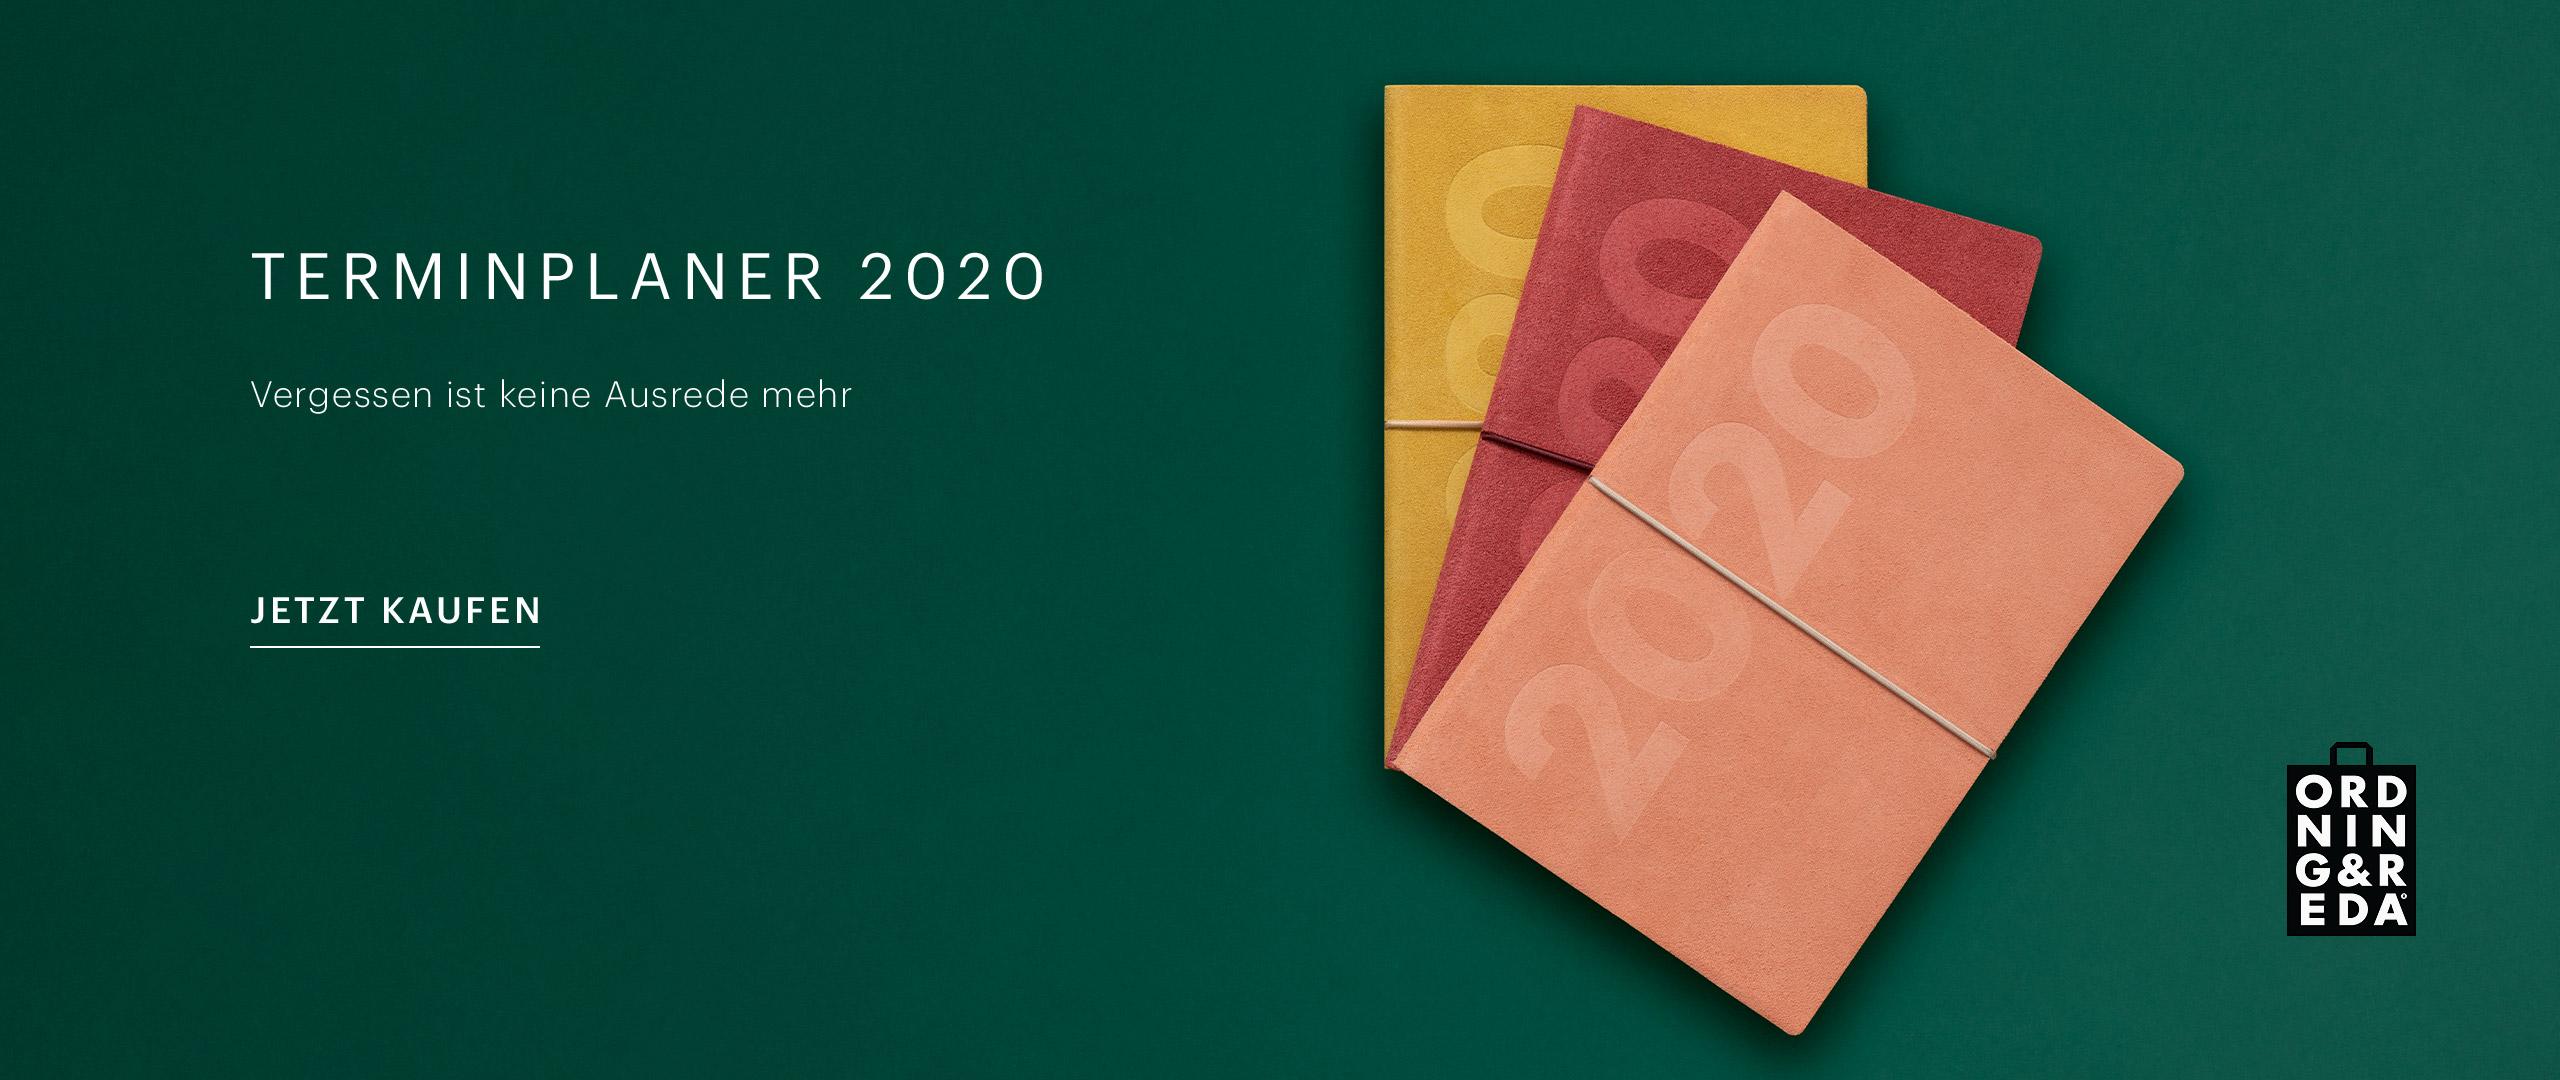 BEU [AT] - OR Diaries 2020